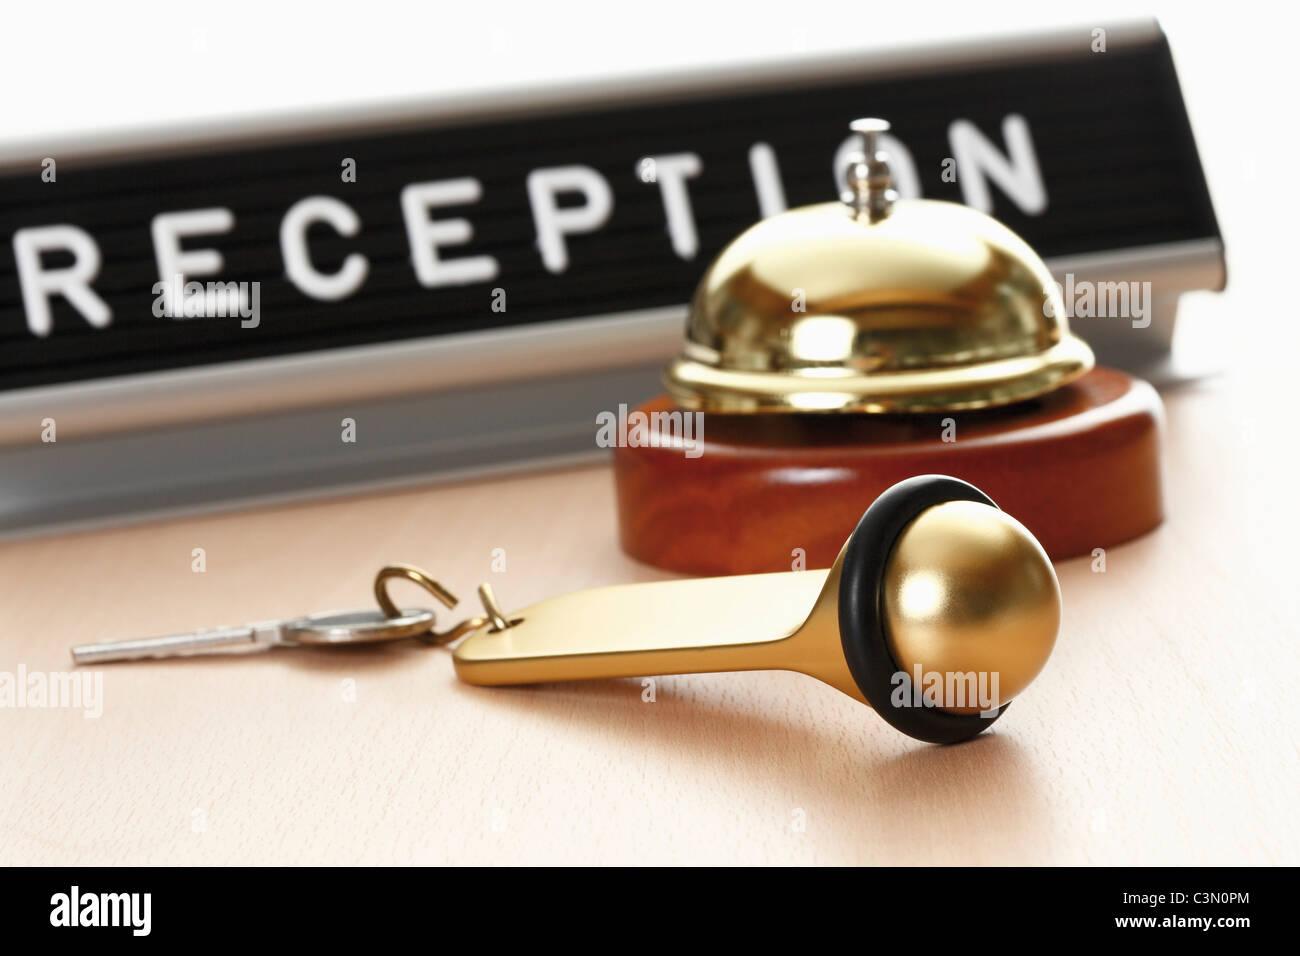 Señal de recepción con servicio de campana y llave de hotel en la mesa. Imagen De Stock